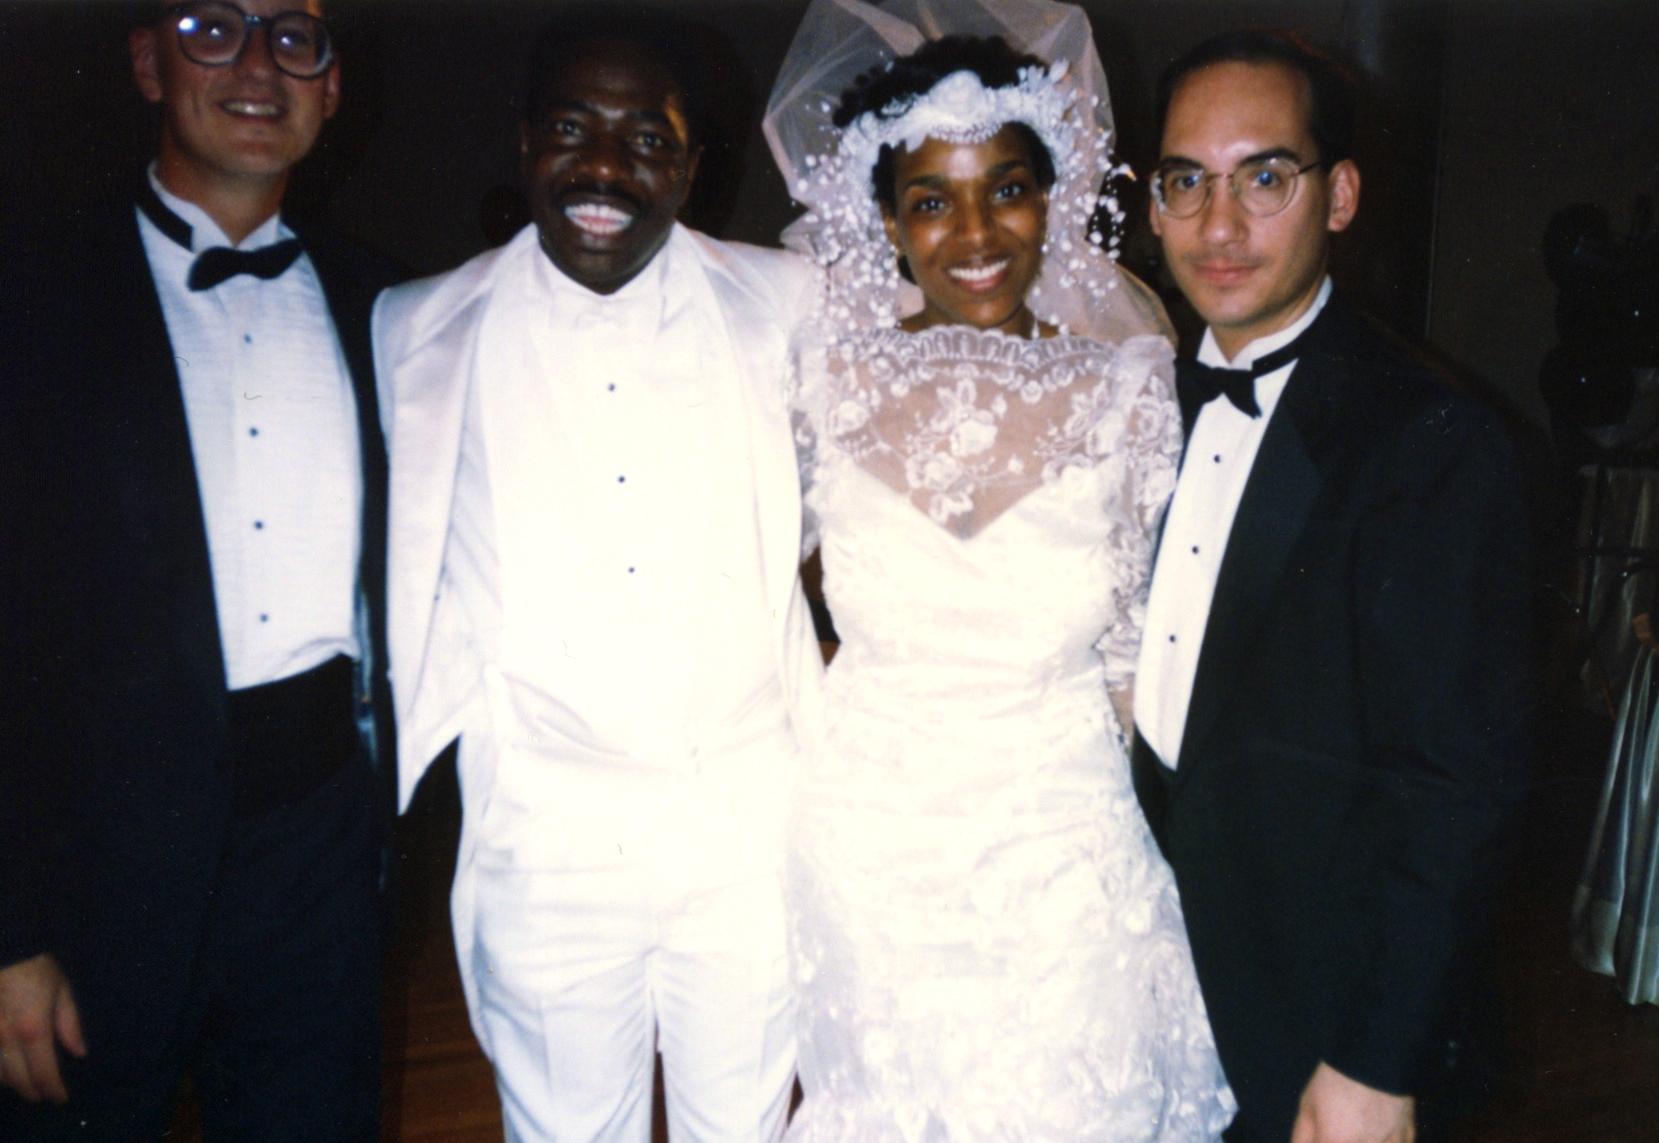 Carlton King & Debbie, Philadelphia (1991)